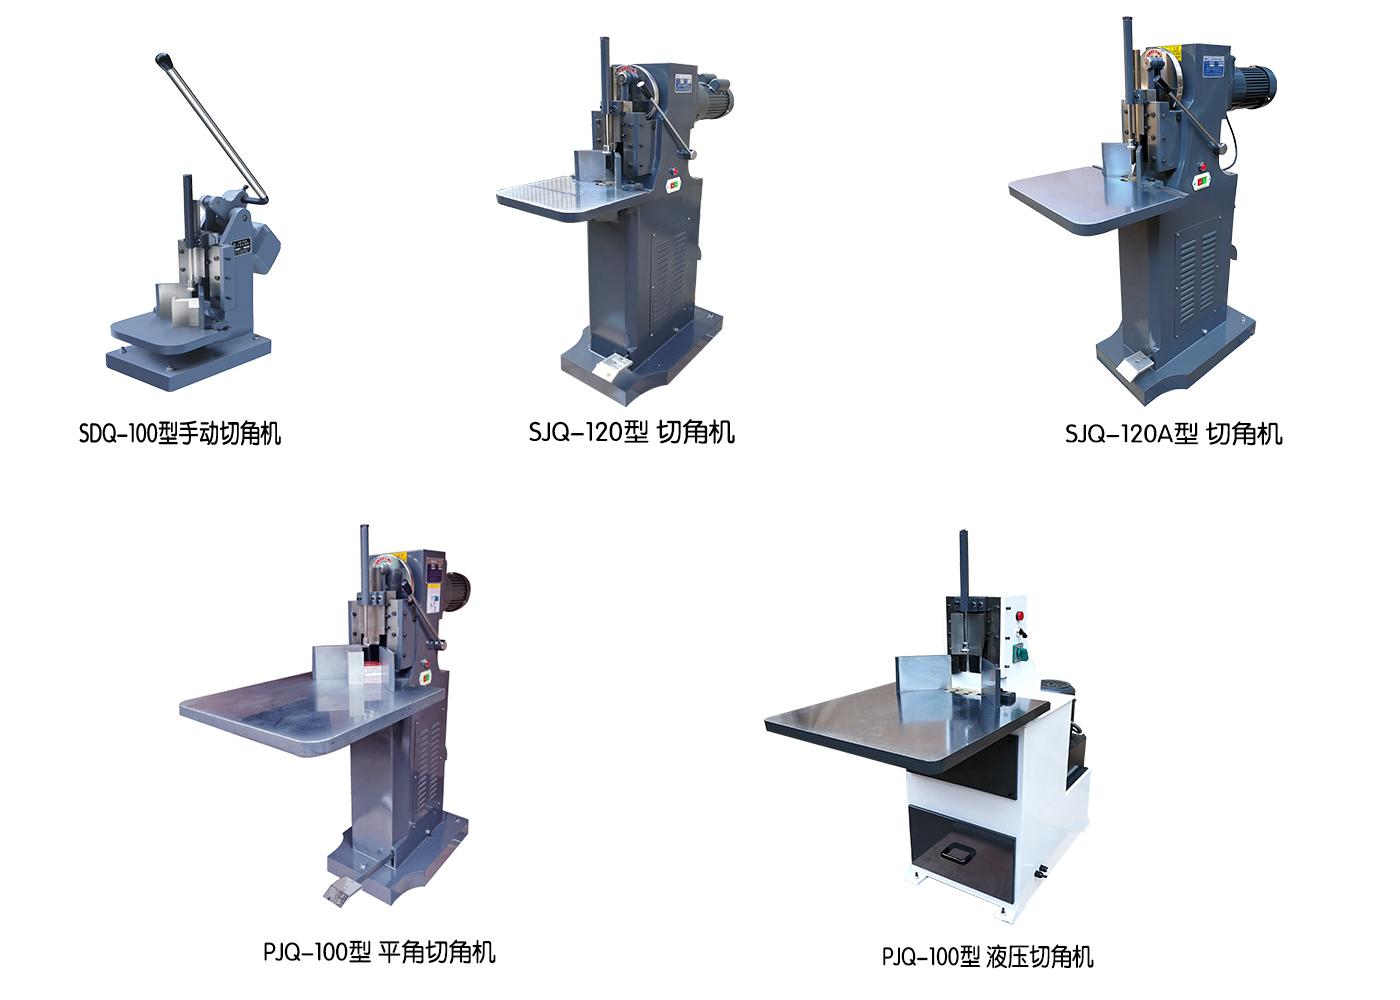 切角機的技術原理以及應用